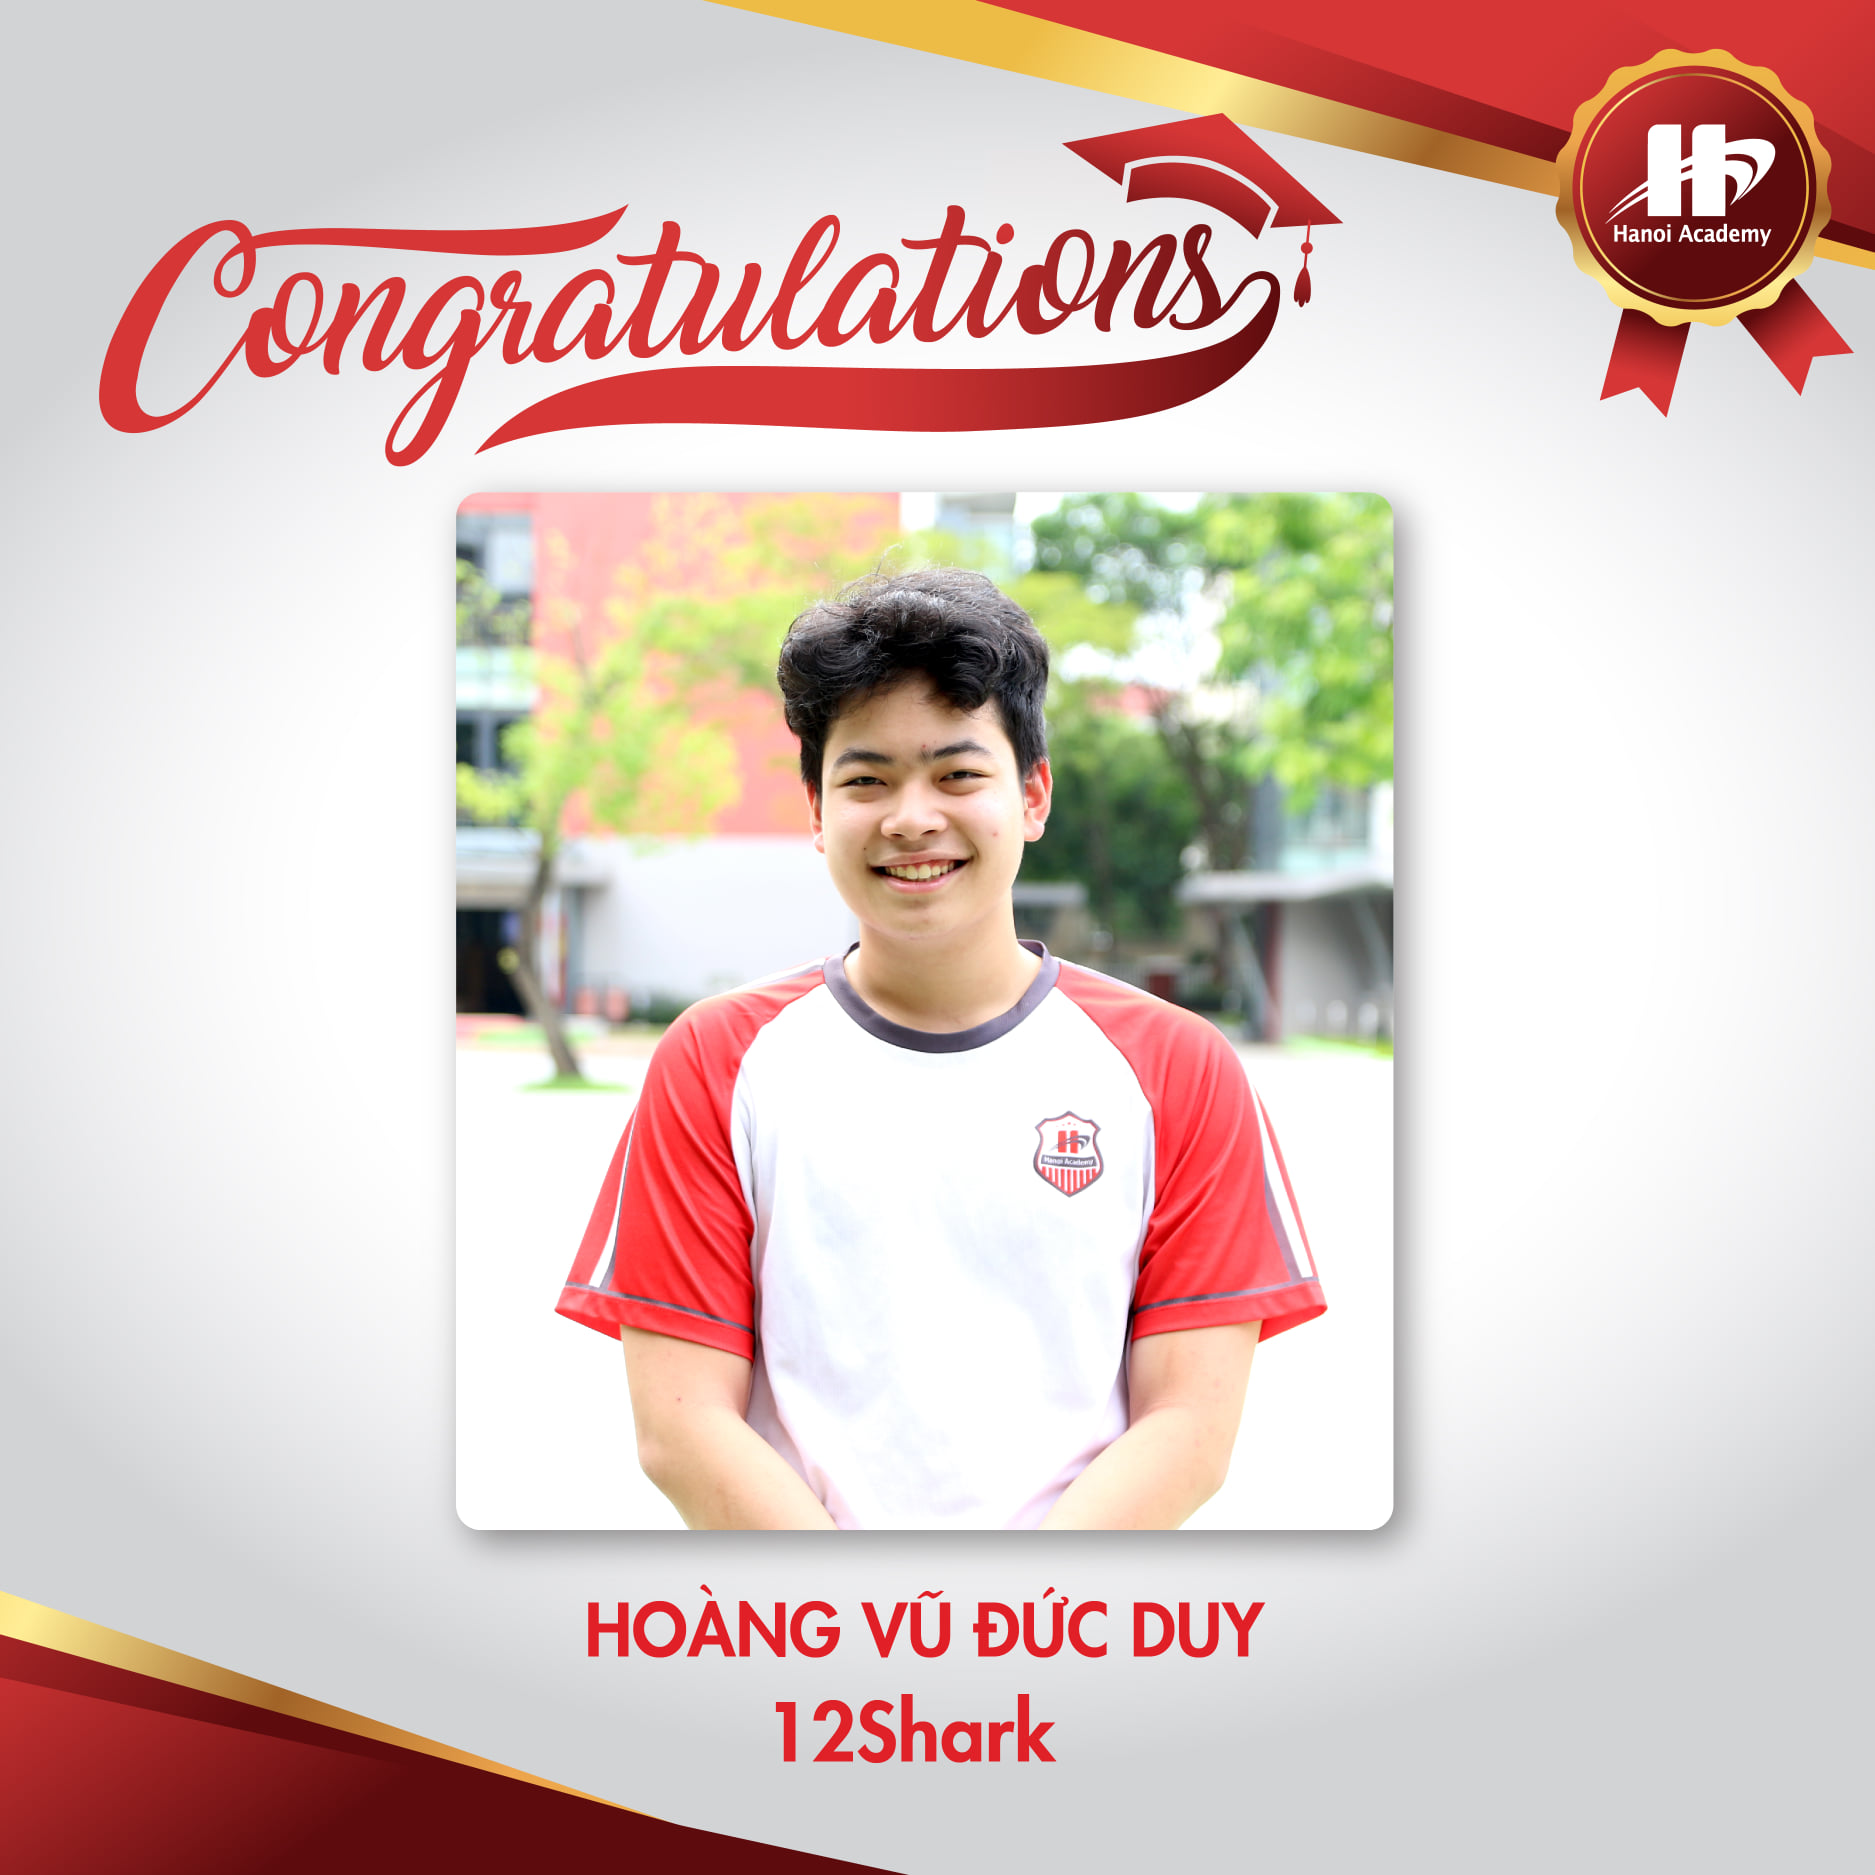 Học sinh lớp 12 Hanoi Academy đỗ đại học top đầu nước Mỹ